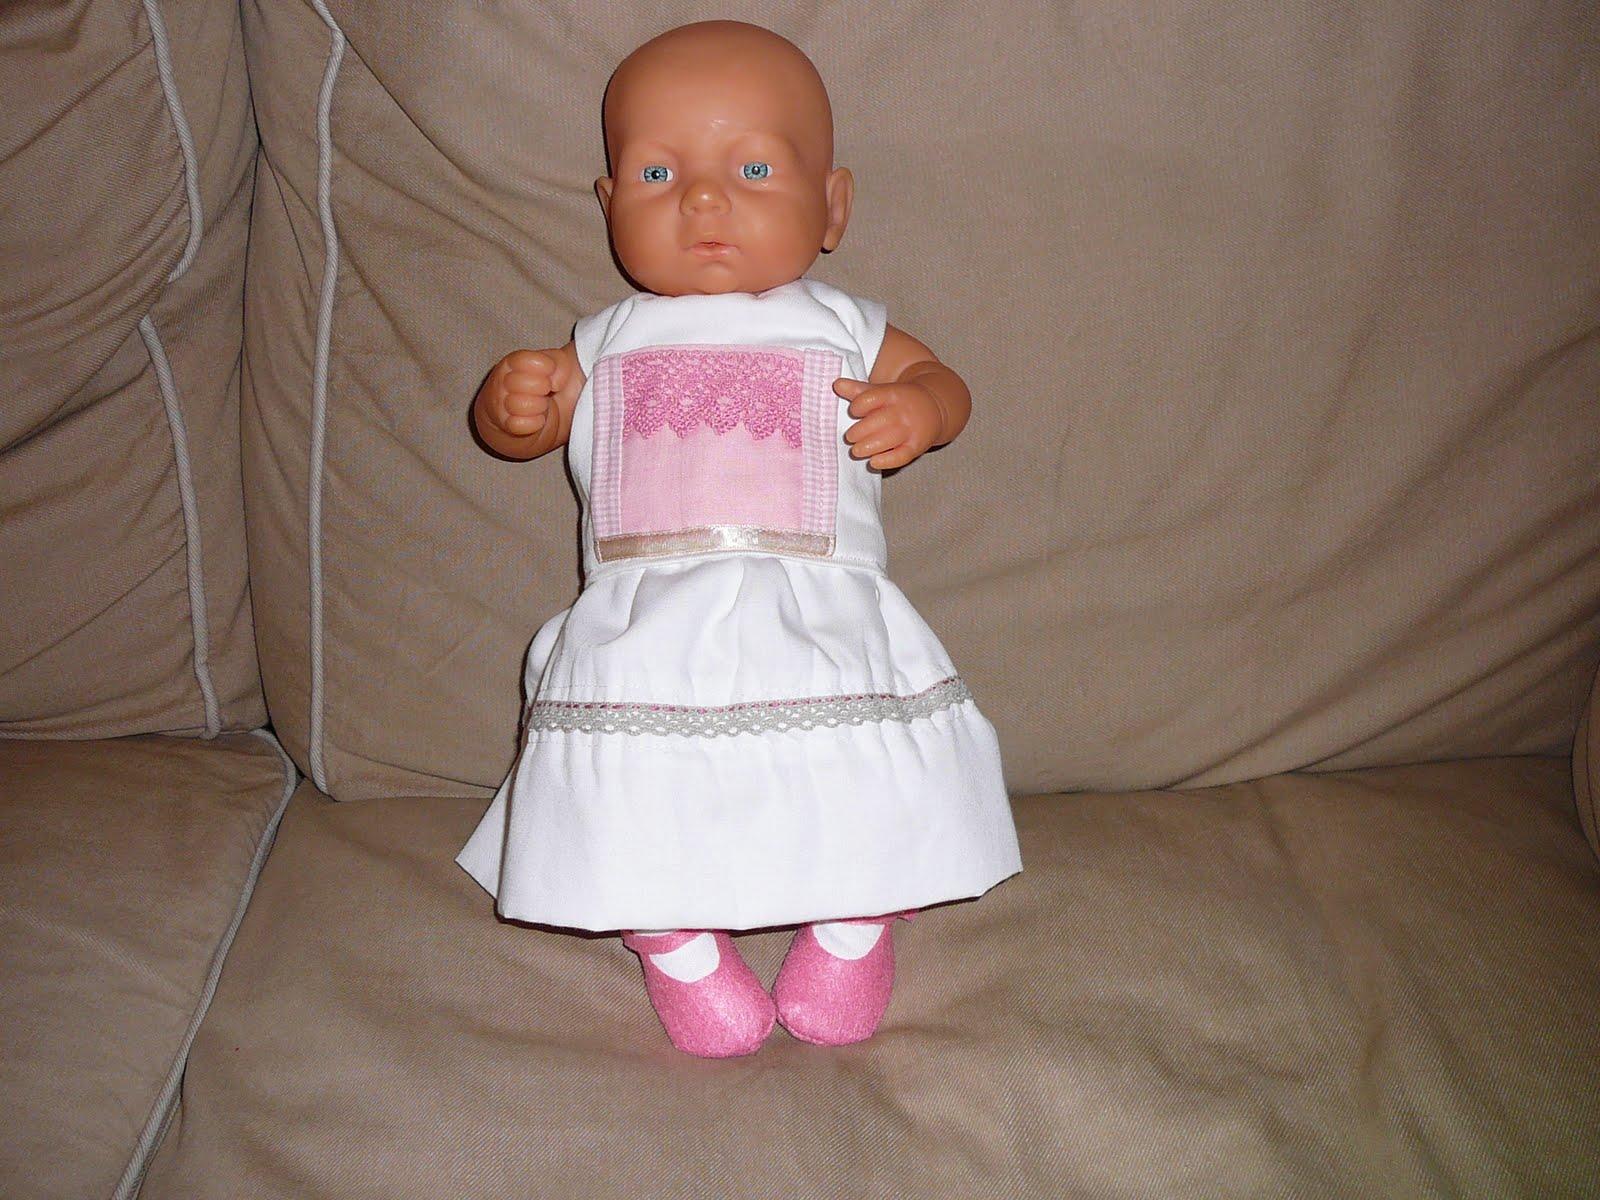 7131a5bc94 A fiam óvodai csoportjában az egyik babának nem volt ruhája, illetve csak  egy kabátka árválkodott rajta. Nekiálltam hát életem első babaruha  készítésének.